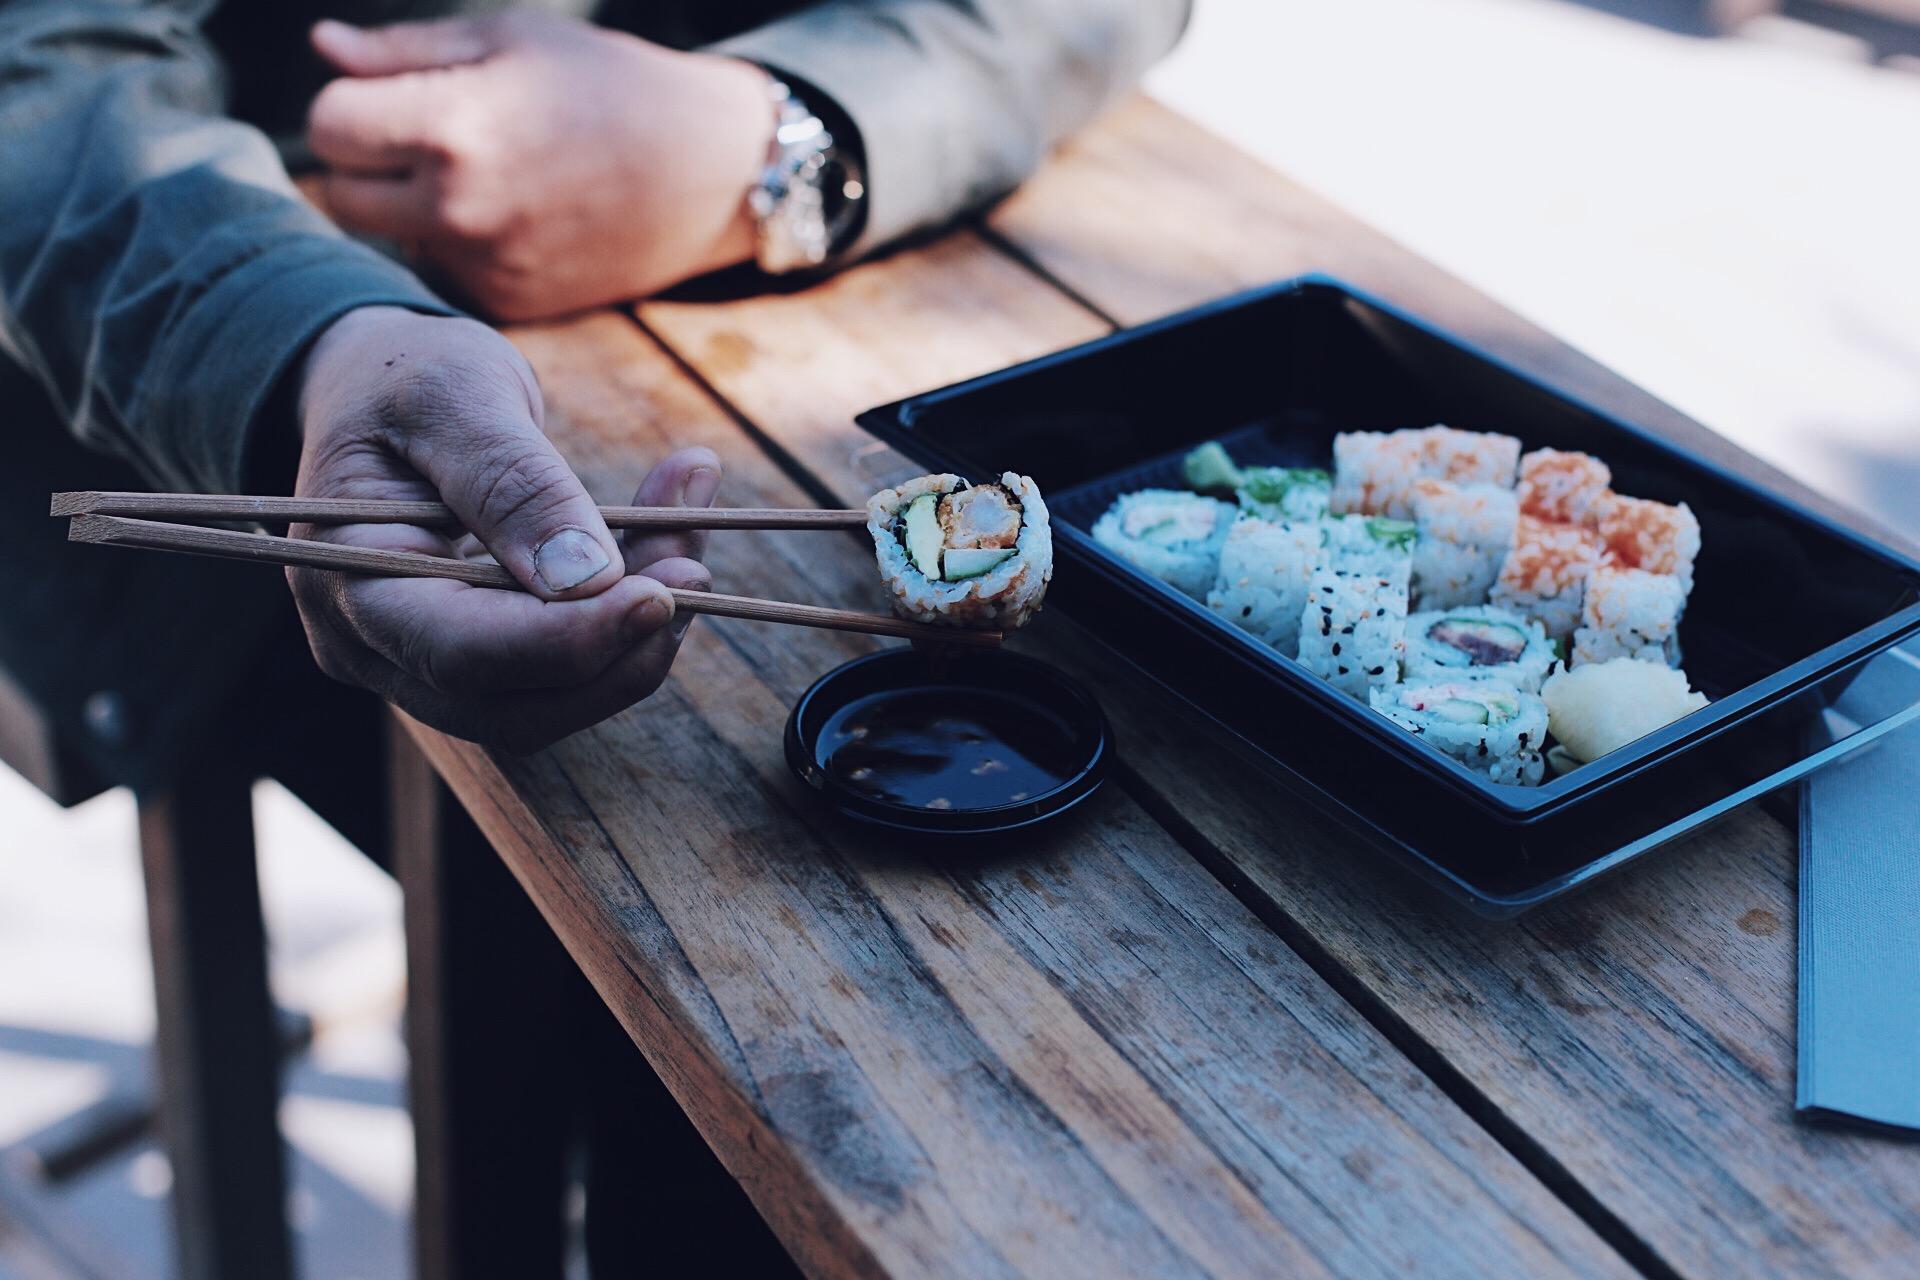 Även väldigt god Sushi skulle det visa sig. En riktigt fullträff rent av. Flera av er gav era hurra-rop på mina Stories, så det verkar som om vi råkade hamna på det perfekta stället (Sticks`n Sushi) Flyt skall man ha ibland!